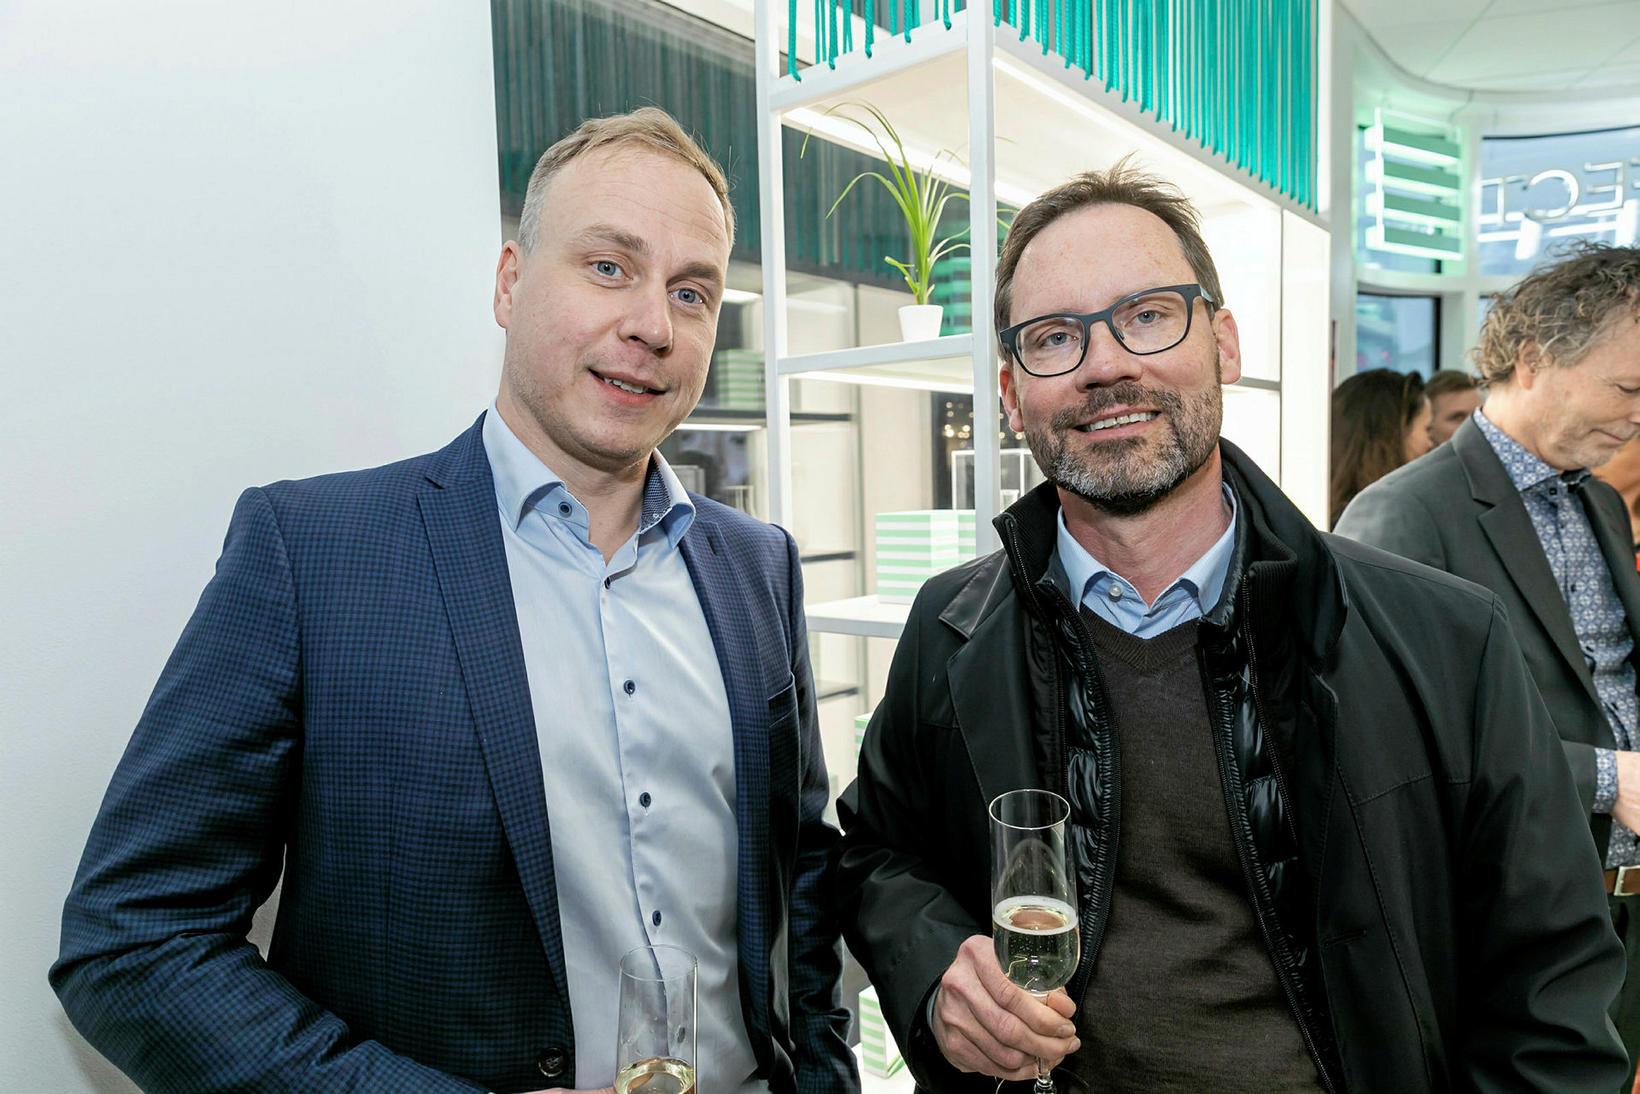 Guðbjarni Eggertsson og Sigtryggur Hilmarsson.